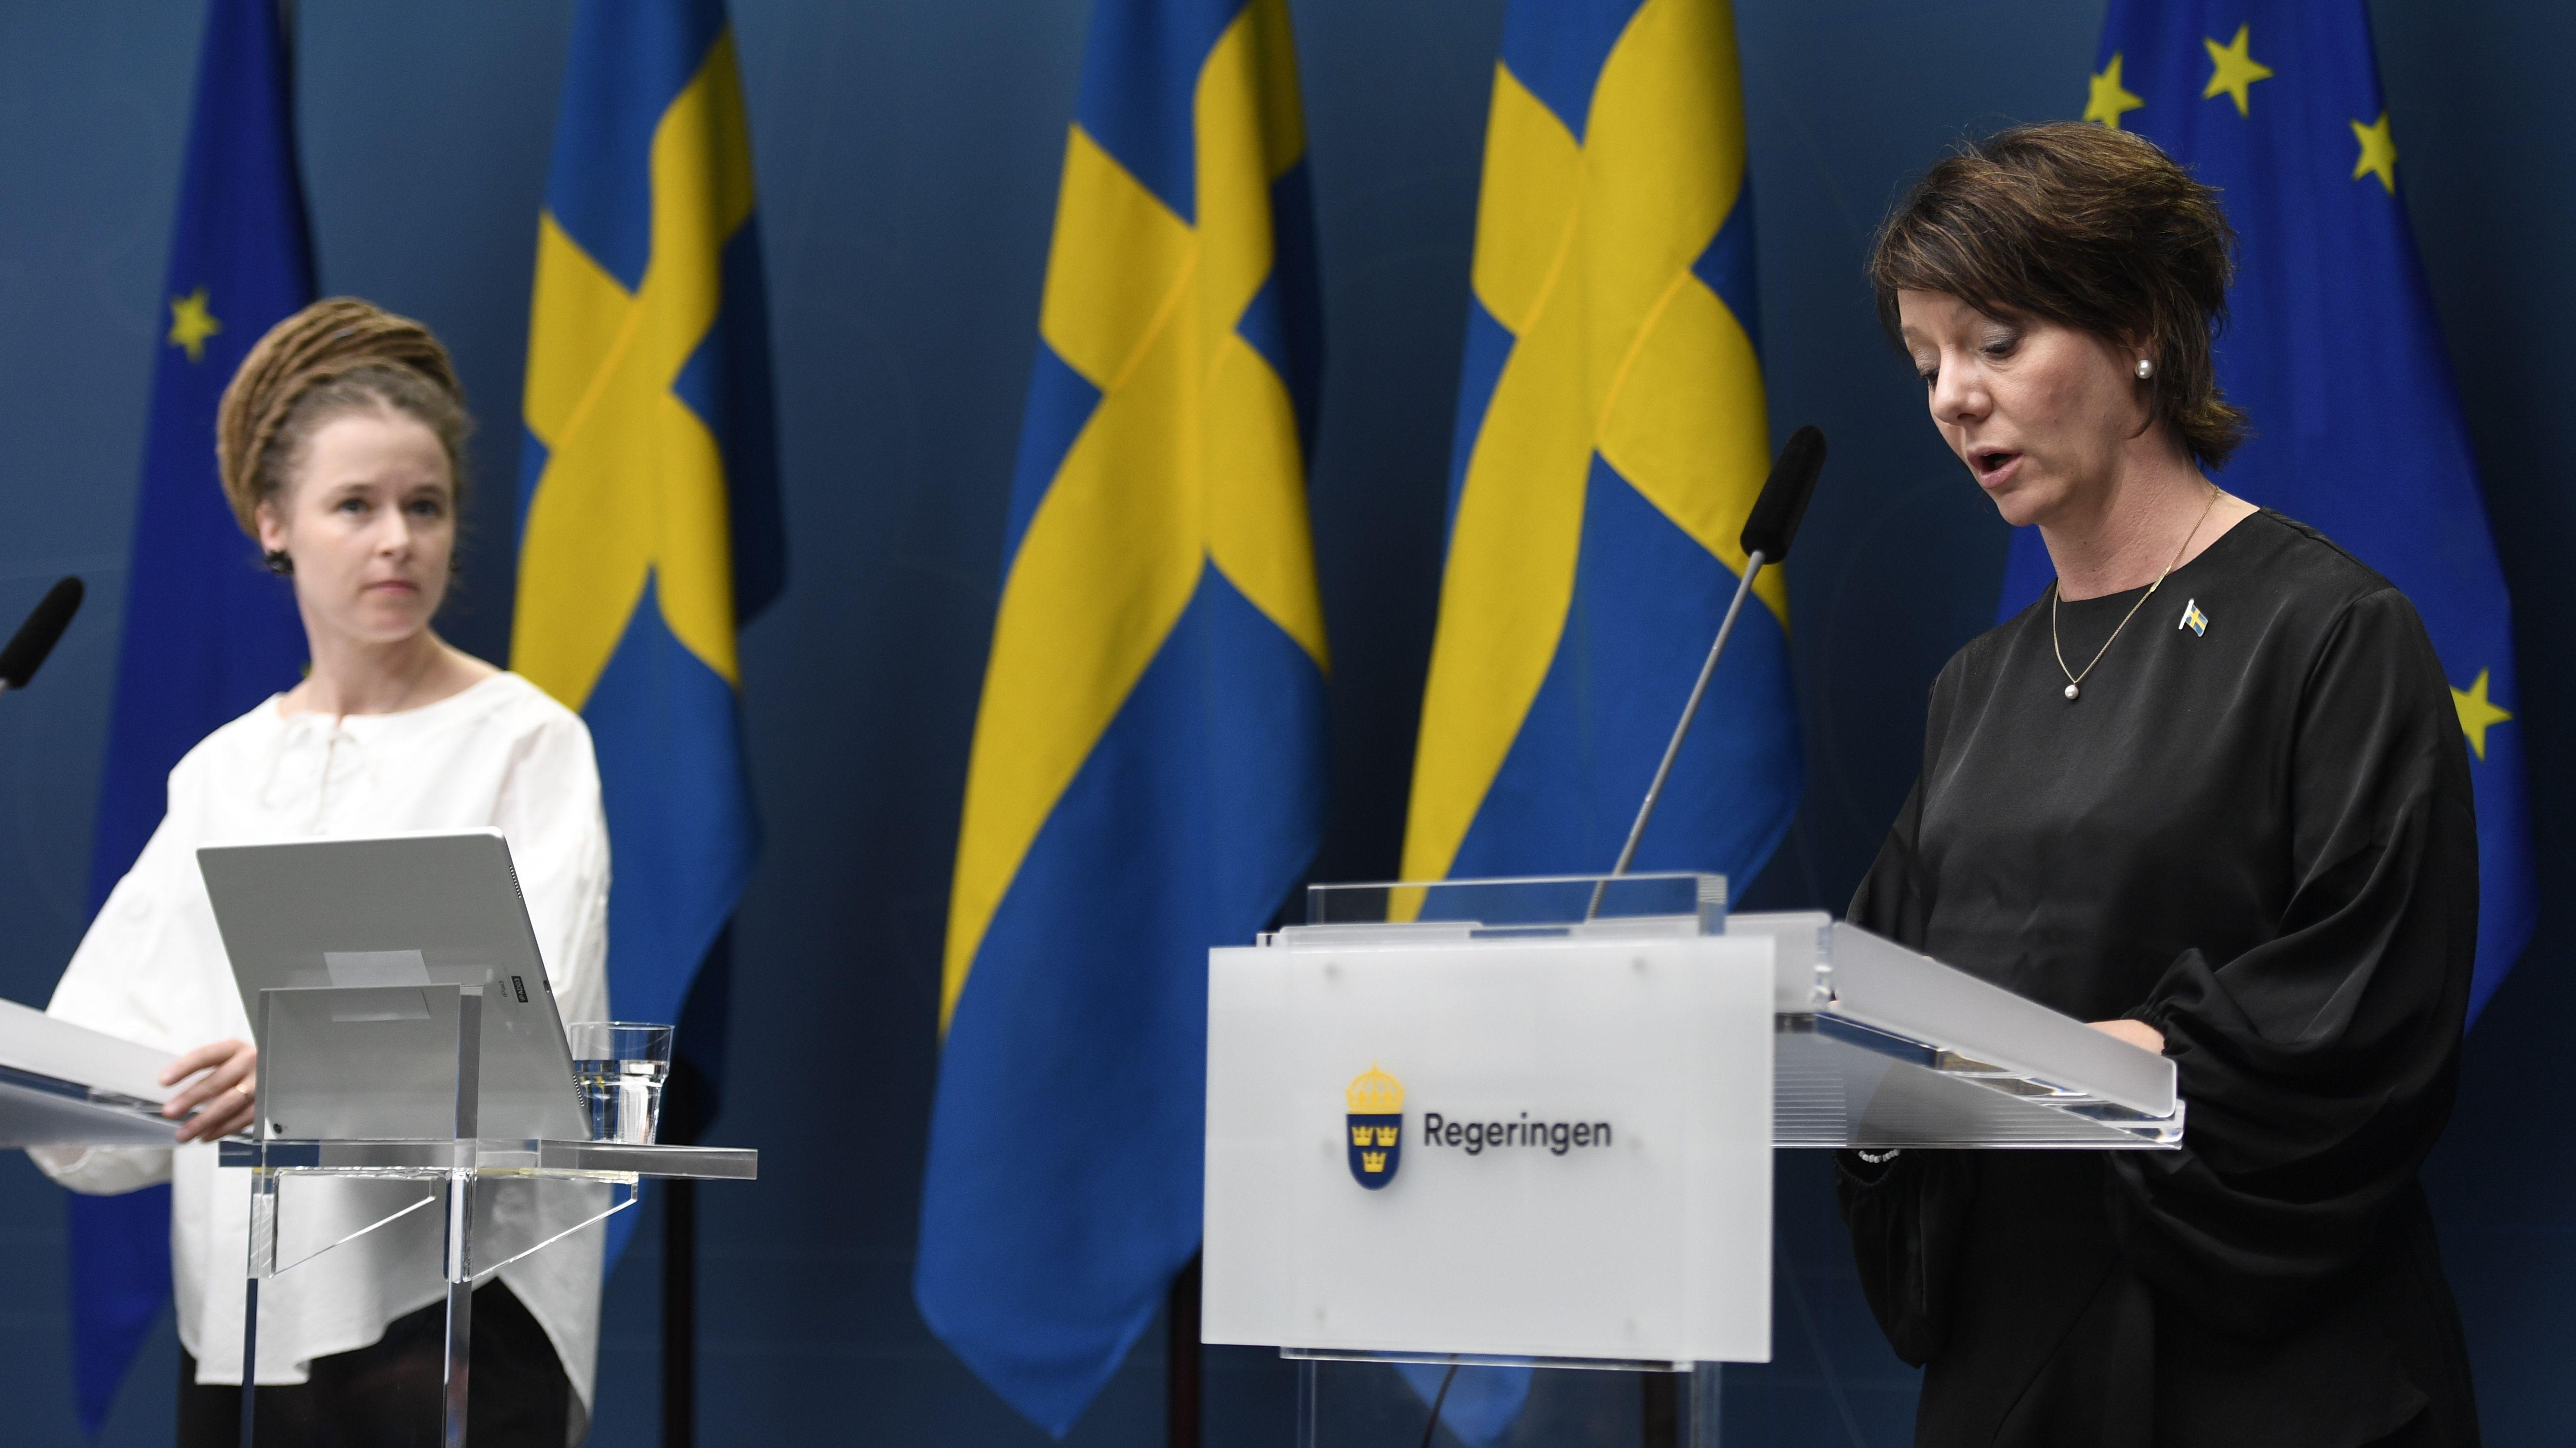 Pressekonferenz der schwedischen Kultur- (r. im Bild) und Demokratieminsiterin (li.  im Bild)